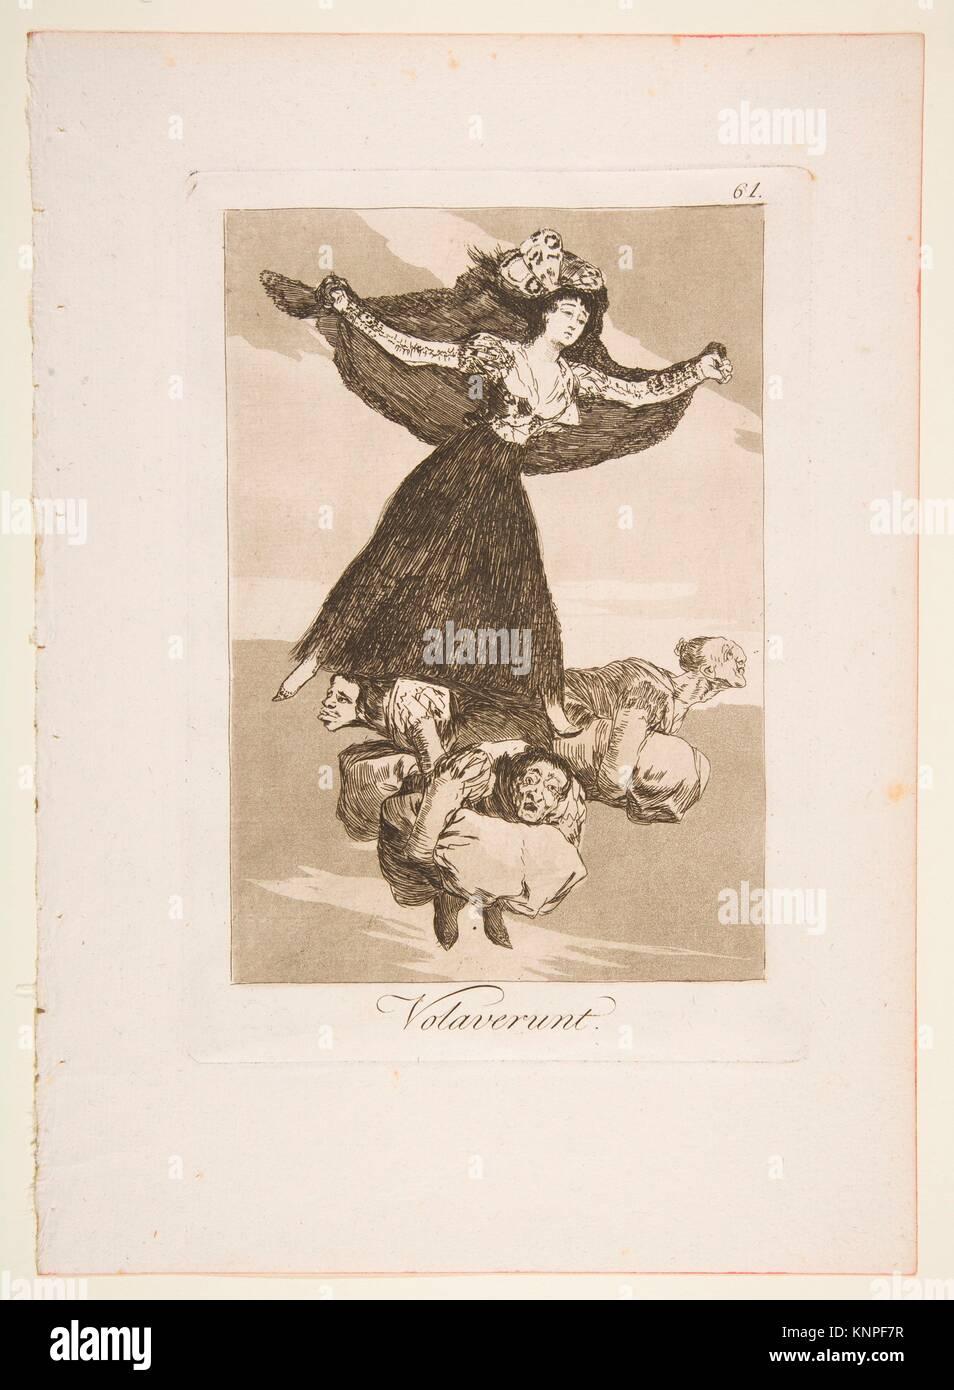 Plate 61 from 'Los Caprichos': They have flown (Volaverunt.). Series/Portfolio: Los Caprichos; Artist: Goya - Stock Image